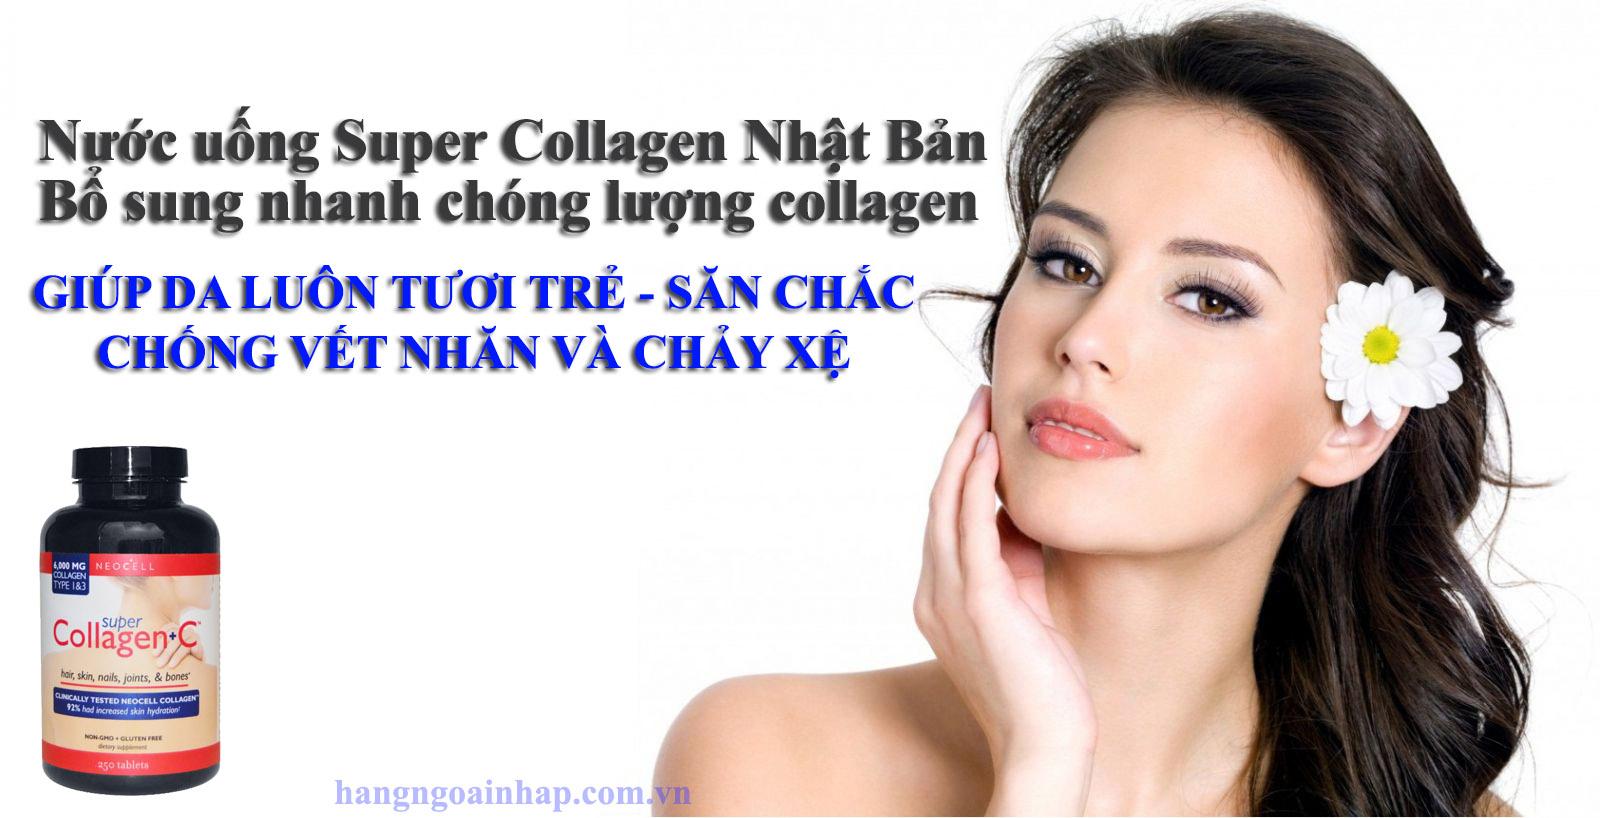 Công dụng tuyệt vời của Super Collagen Nhật Bản